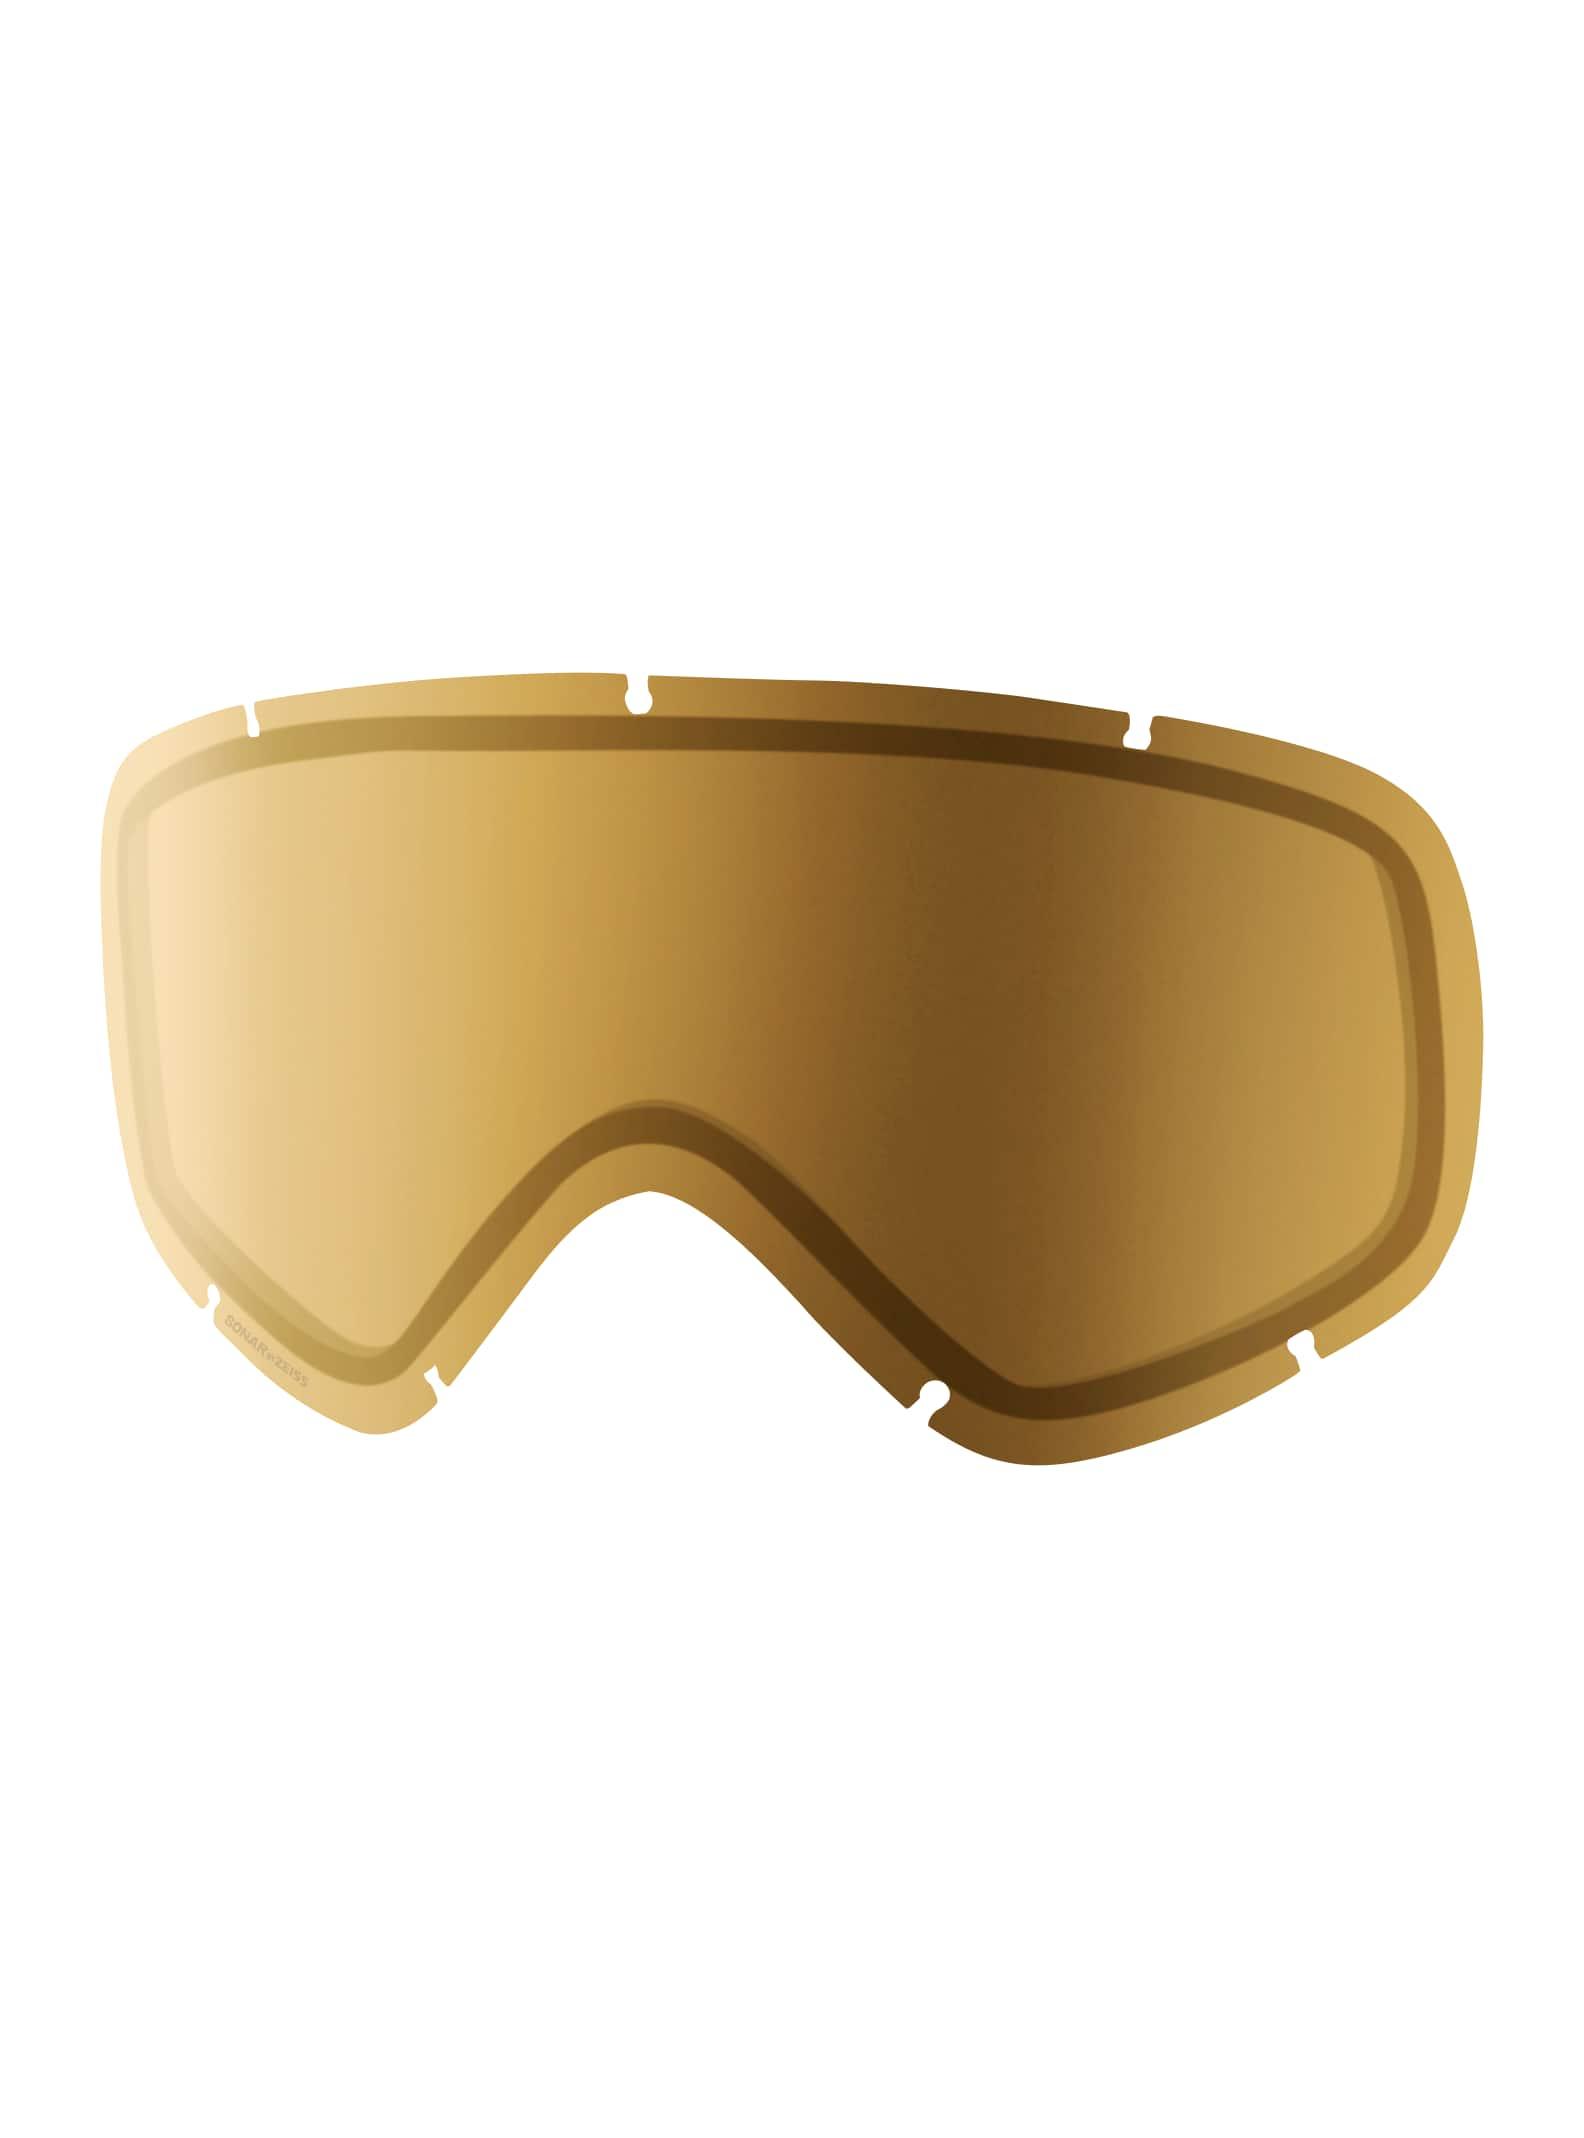 Anon Helix 2,0 Sonar lins för herrar, Sonar Gold